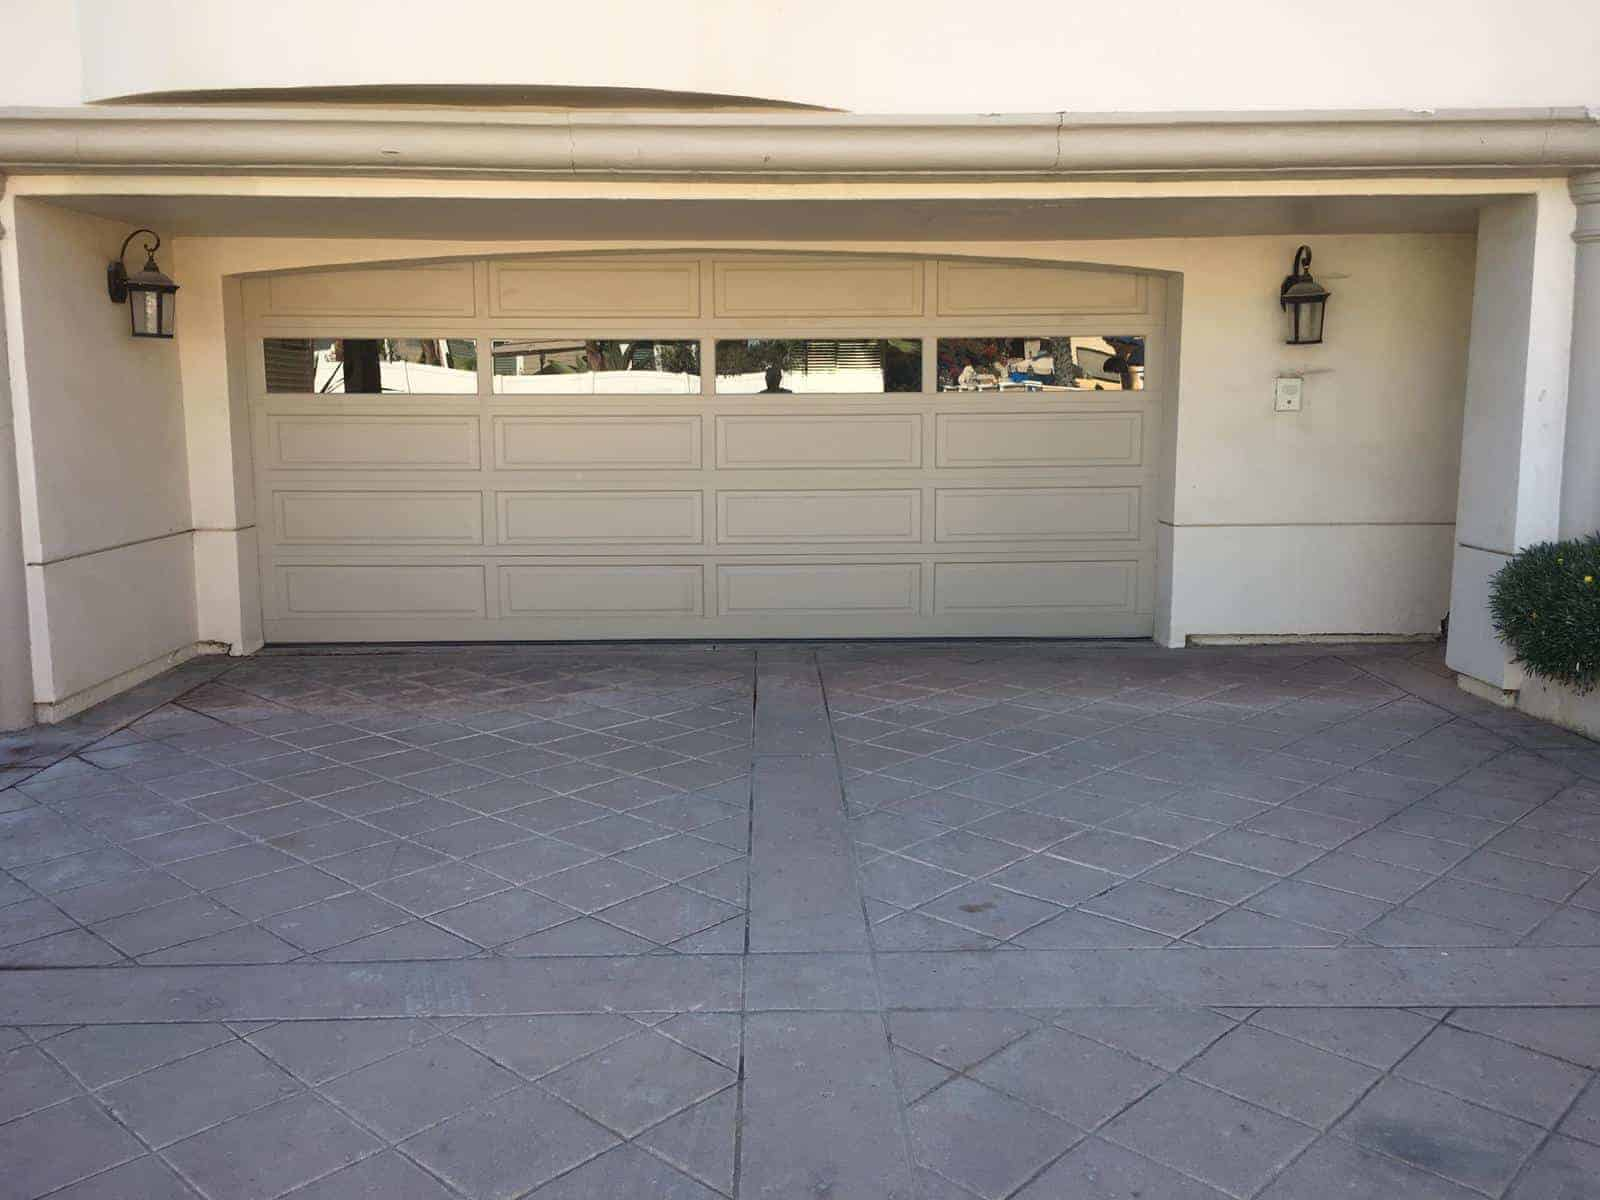 Thousand Oaks Garage Door Repair & Replacement